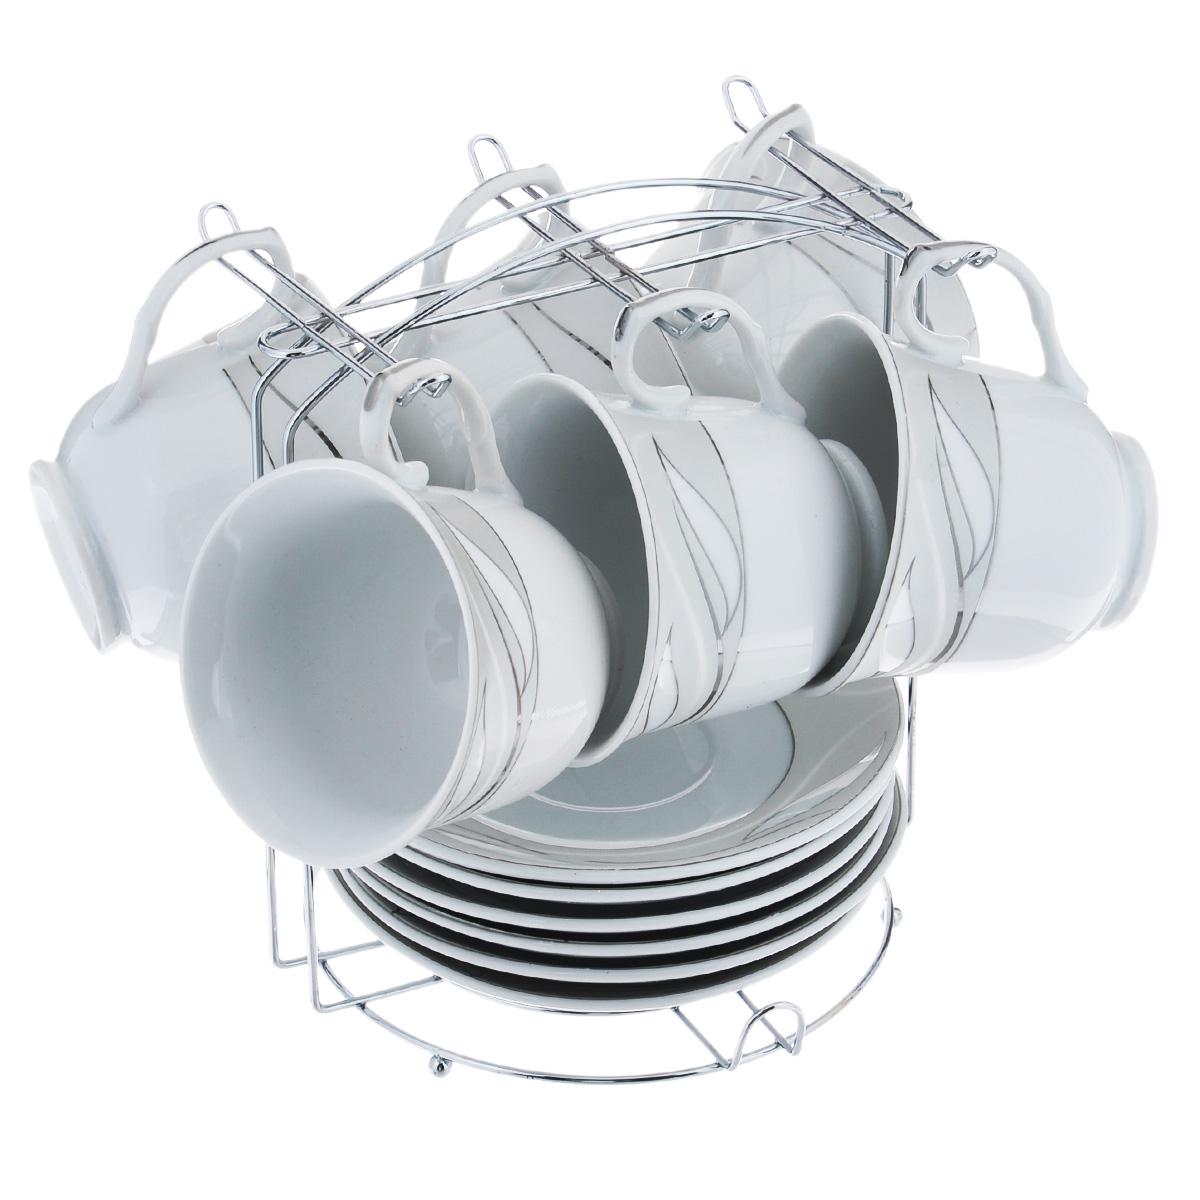 Набор чайный Bekker, 13 предметов. BK-6802VT-1520(SR)Чайный набор Bekker состоит из 6 чашек, 6 блюдец и металлической подставки. Изделия выполнены из высококачественного фарфора белого цвета, украшенного изящными цветочными узорами серебристой эмалью. Для предметов набора предусмотрена специальная металлическая подставка с крючками для чашек и подставкой для блюдец. Изящный чайный набор прекрасно оформит стол к чаепитию и станет замечательным подарком для любой хозяйки. Можно мыть в посудомоечной машине.Объем чашки: 220 мл. Диаметр чашки (по верхнему краю): 9 см. Высота чашки: 7,5 см. Диаметр блюдца: 14 см.